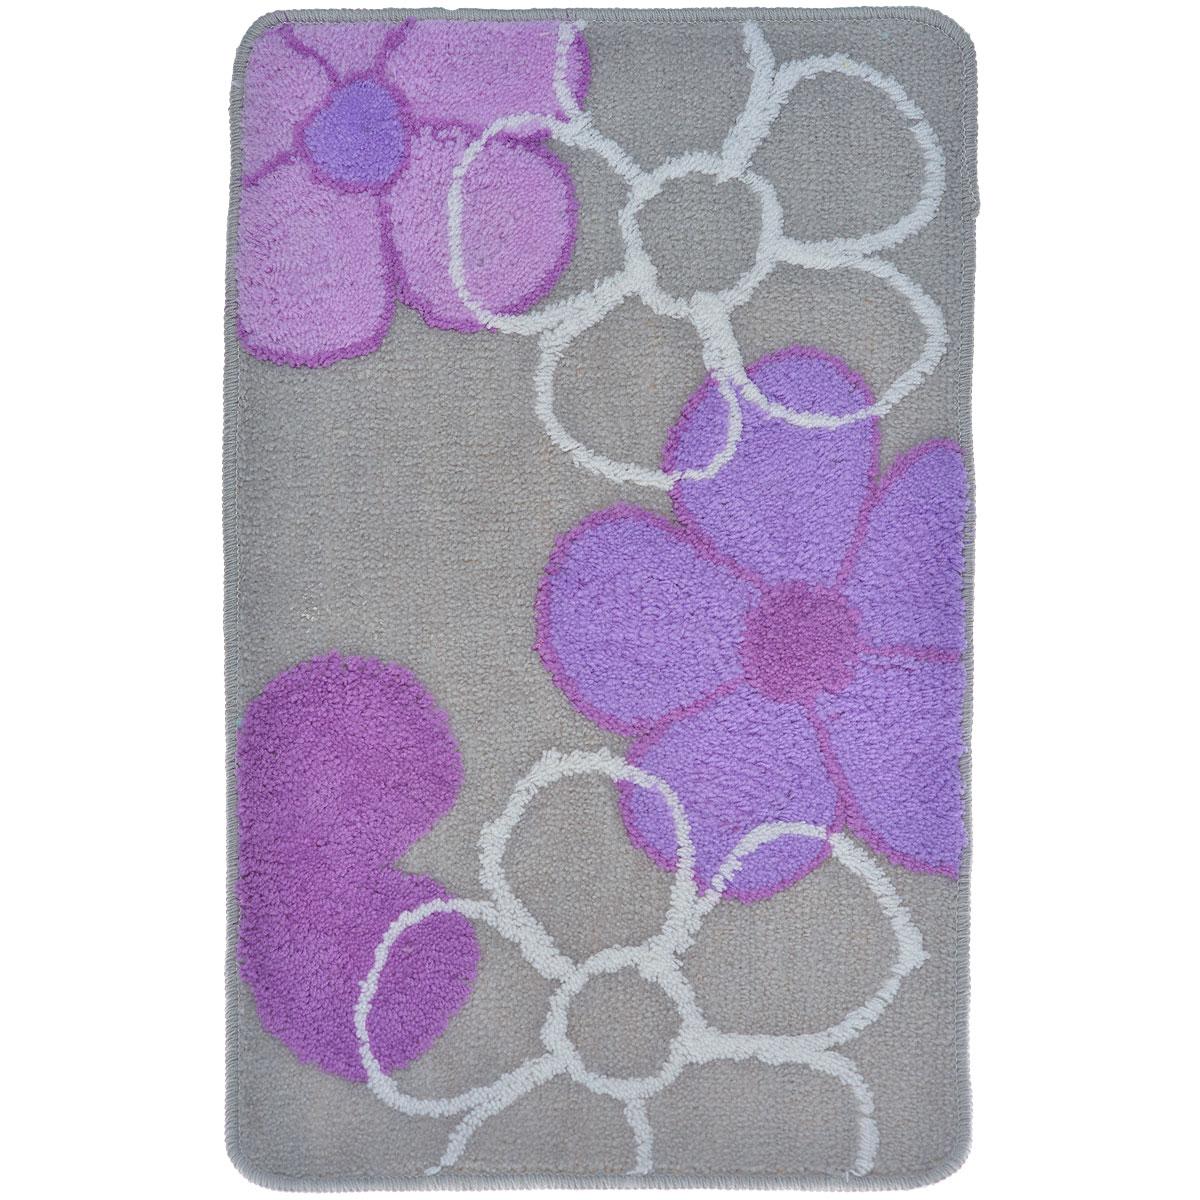 Коврик для ванной комнаты Fresh Code, цвет: серый, фиолетовый, 80 х 50 см54930_серый, фиолетовыйКоврик для ванной Fresh Code изготовлен из 100% акрила с латексной основой. Коврик, украшенный оригинальным рисунком, создаст уют в ванной комнате. Акриловый ворс коврика хорошо впитывает воду, создает комфортное покрытие. Рекомендации по уходу: - стирать в ручном режиме, - не использовать отбеливатели, - не гладить, - не подходит для сухой чистки (химчистки). Размер коврика: 80 см х 50 см.